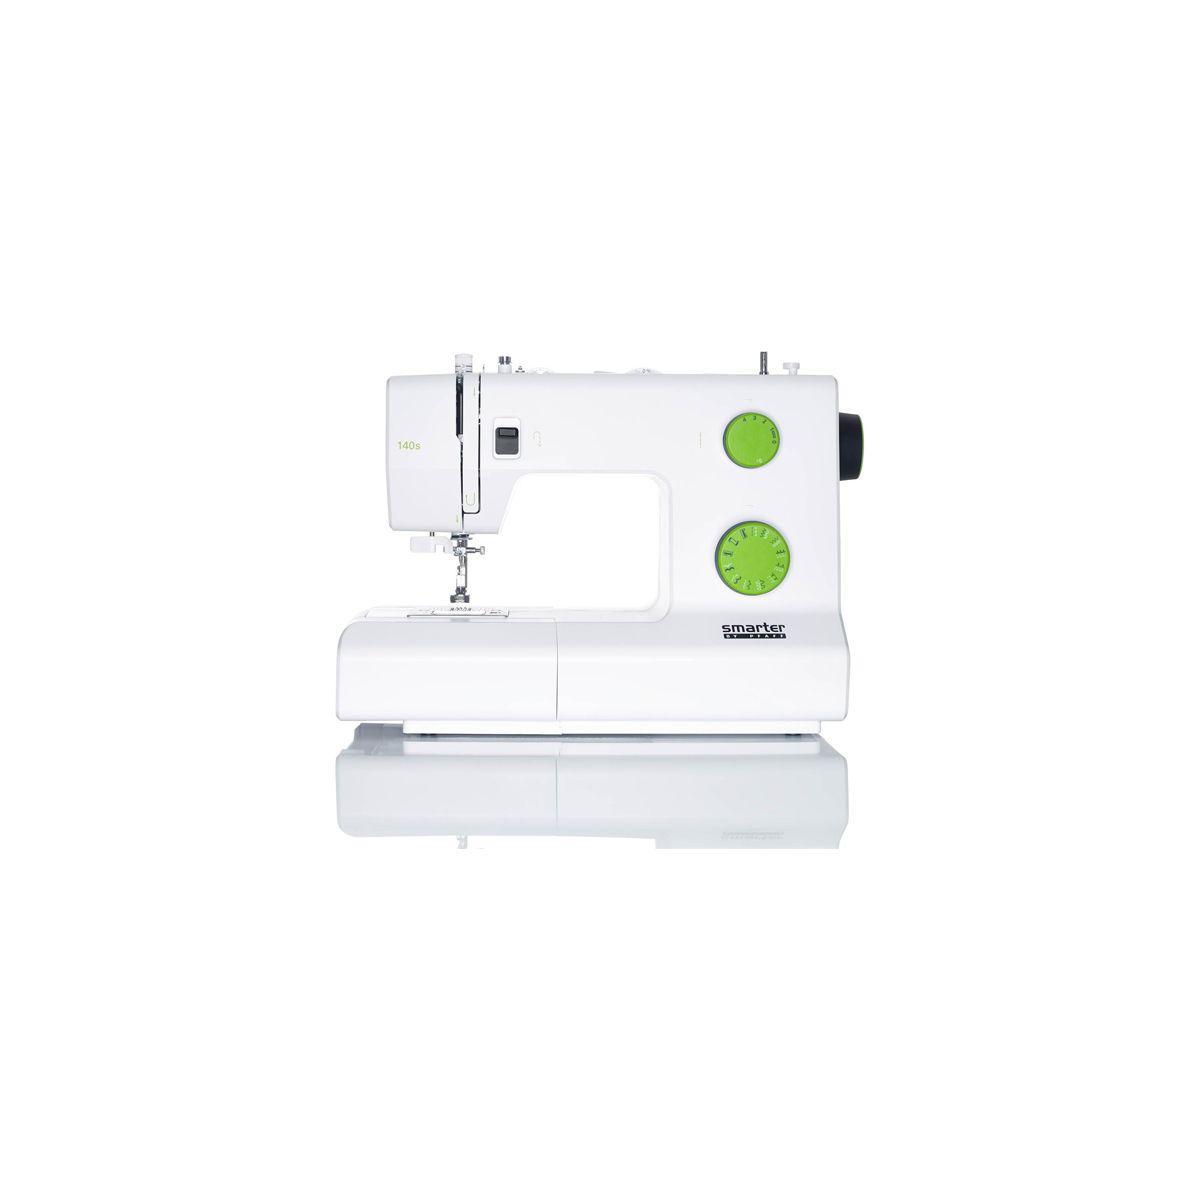 Machine � coudre pfaff smarter 140s - 20% de remise imm�diate avec le code : deal20 (photo)